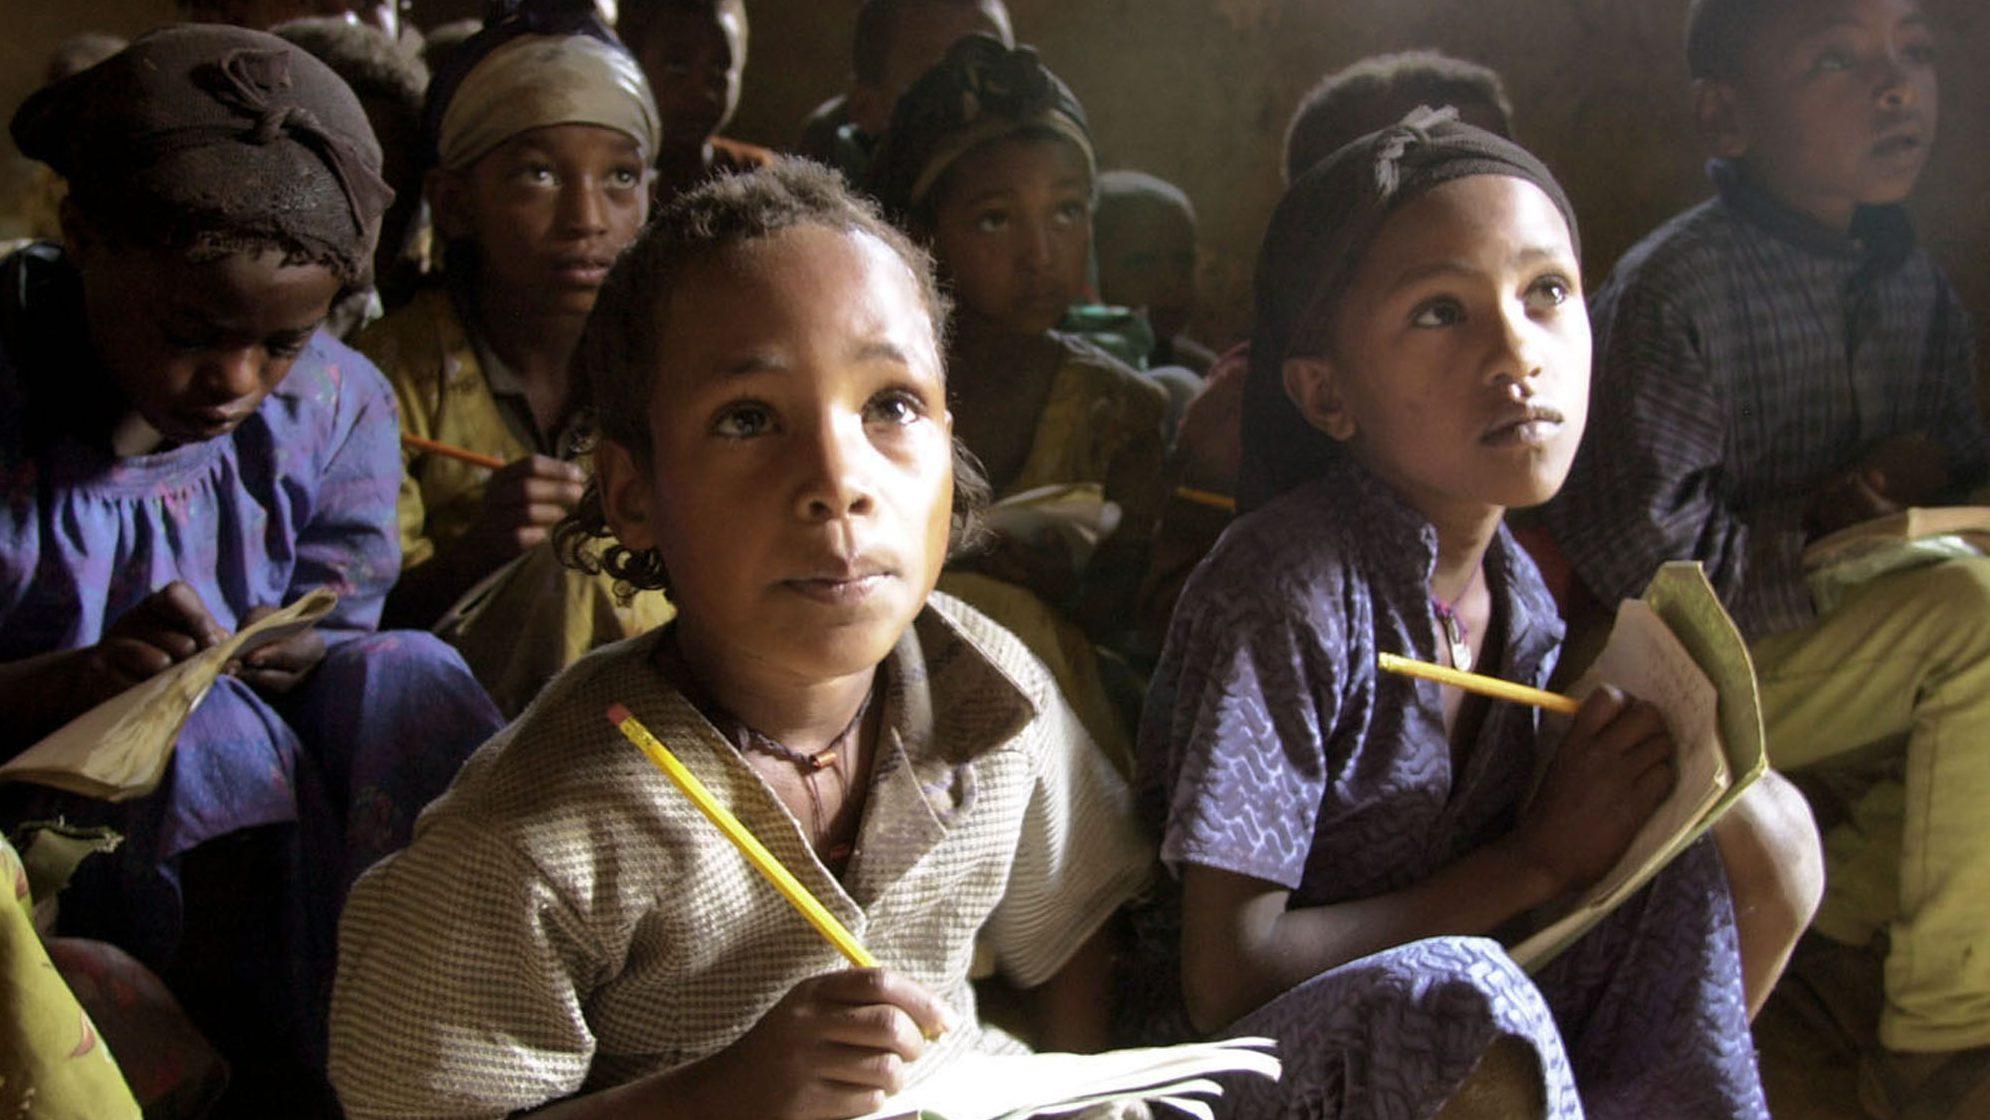 Mali's girls put education first